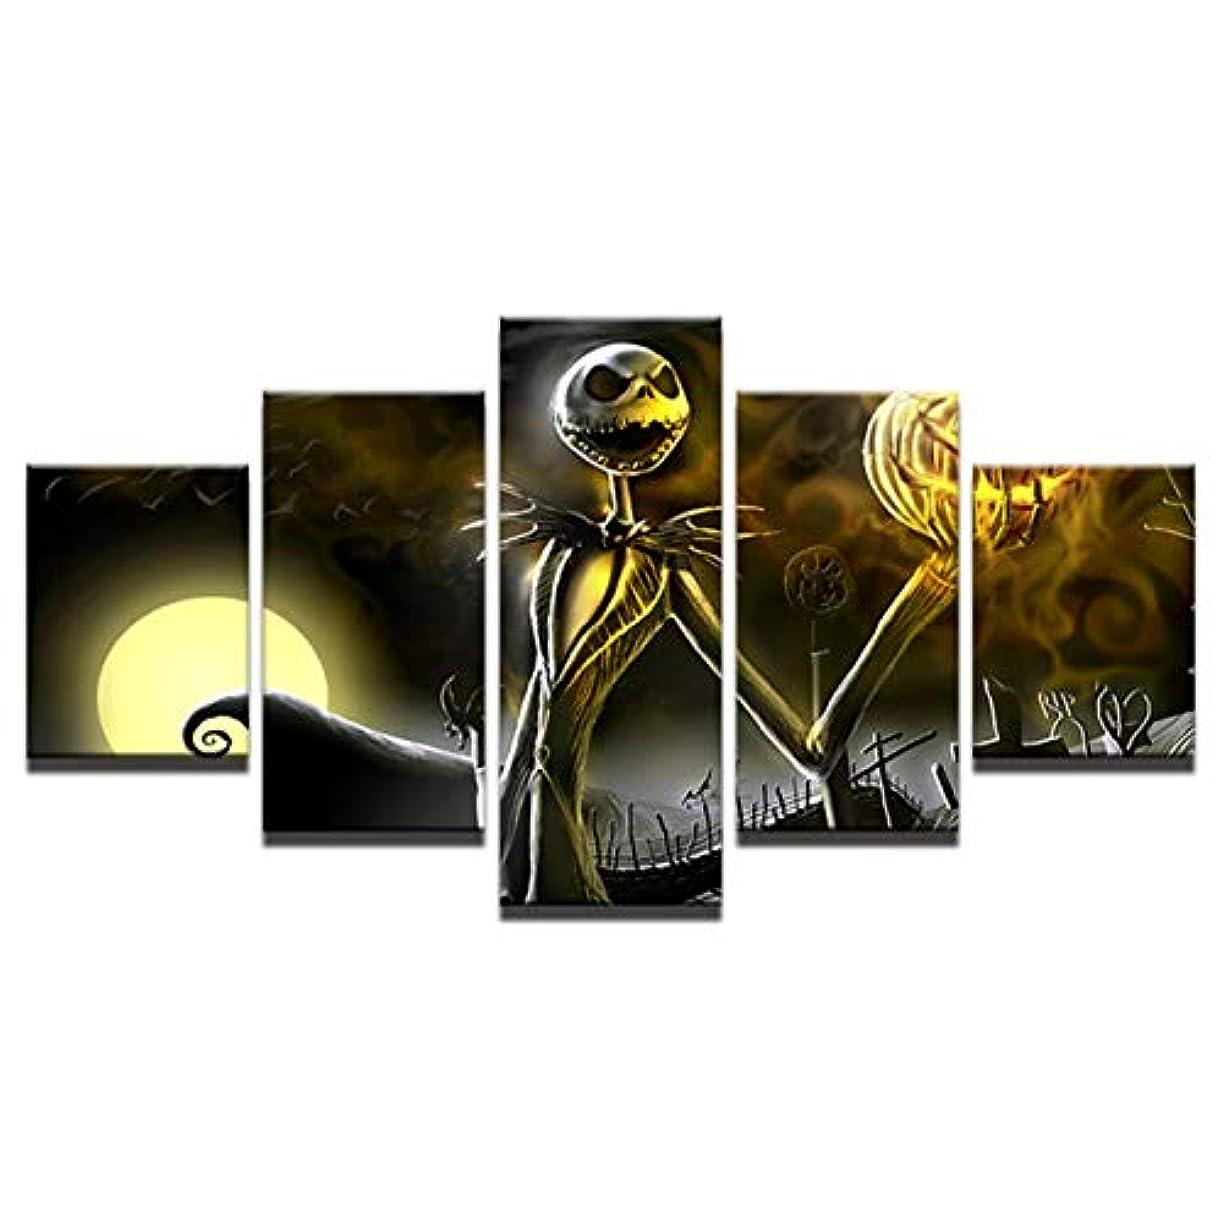 スポット解明地質学Saikogoods レトロジャック?スケリントン絵画モジュラーキャンバスウォールアート写真5つのHallowmasホームデコレーション 多色 10×15cm×2個10×20cm×2個10×2